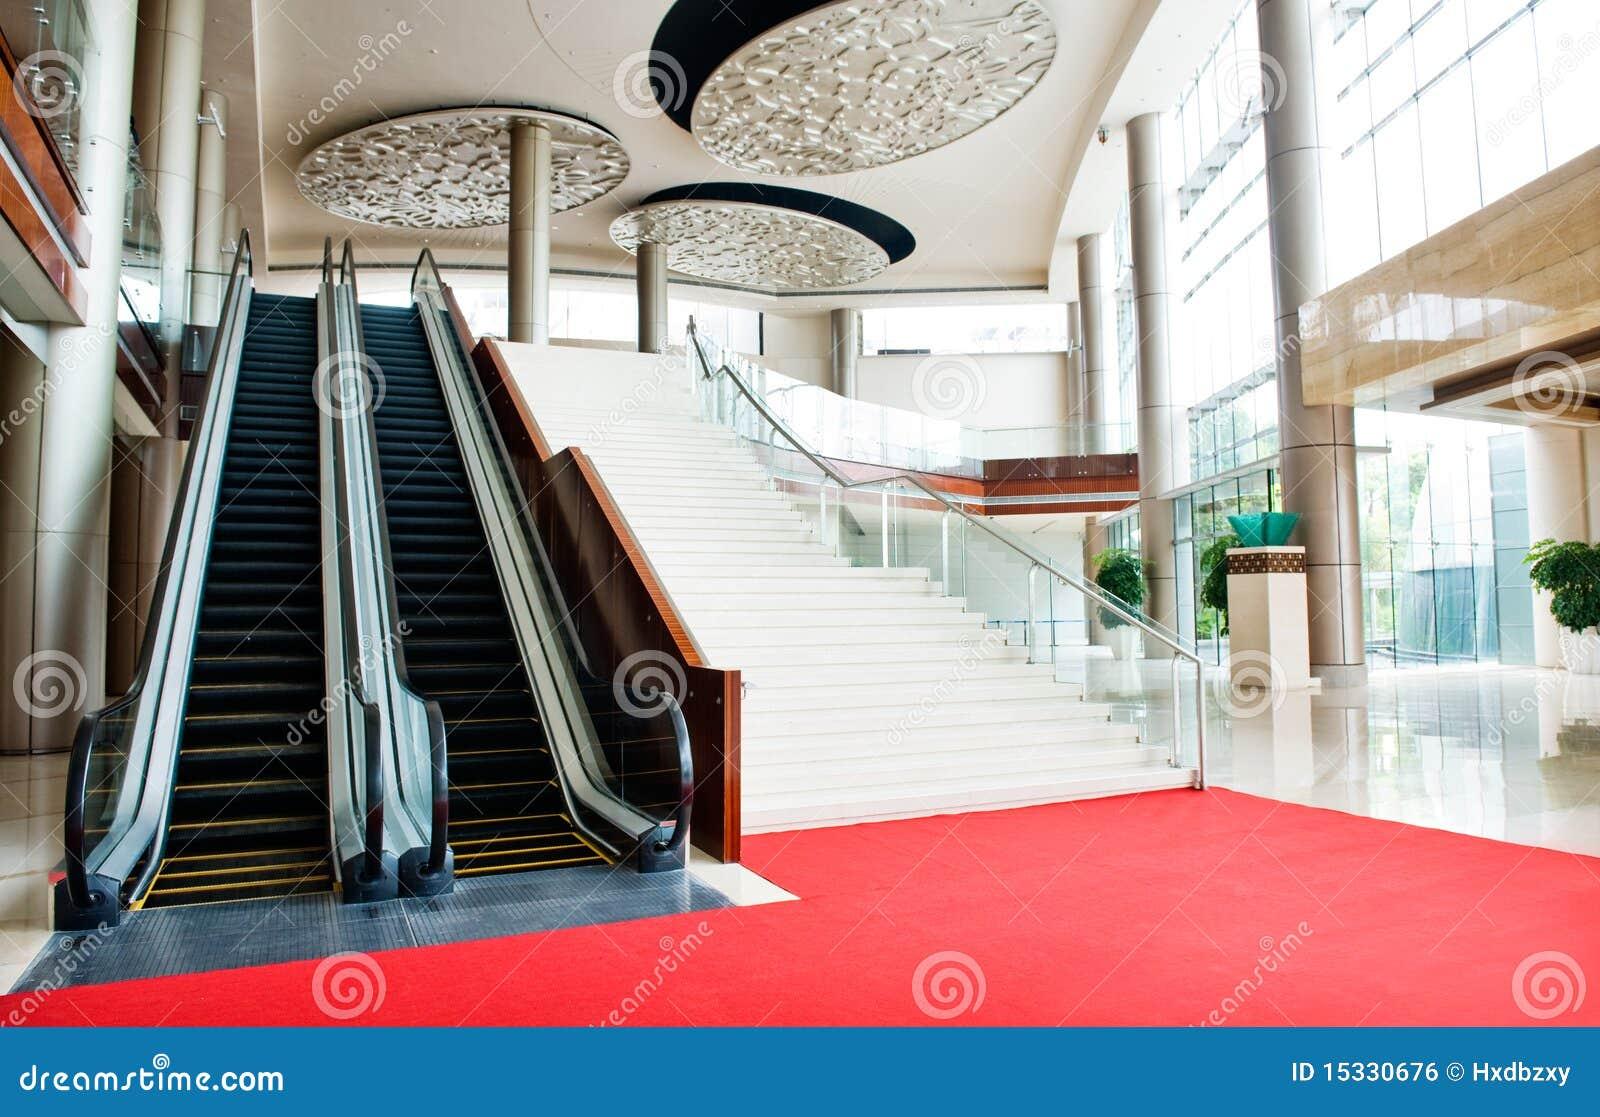 大厦自动扶梯现代新的台阶二.图片